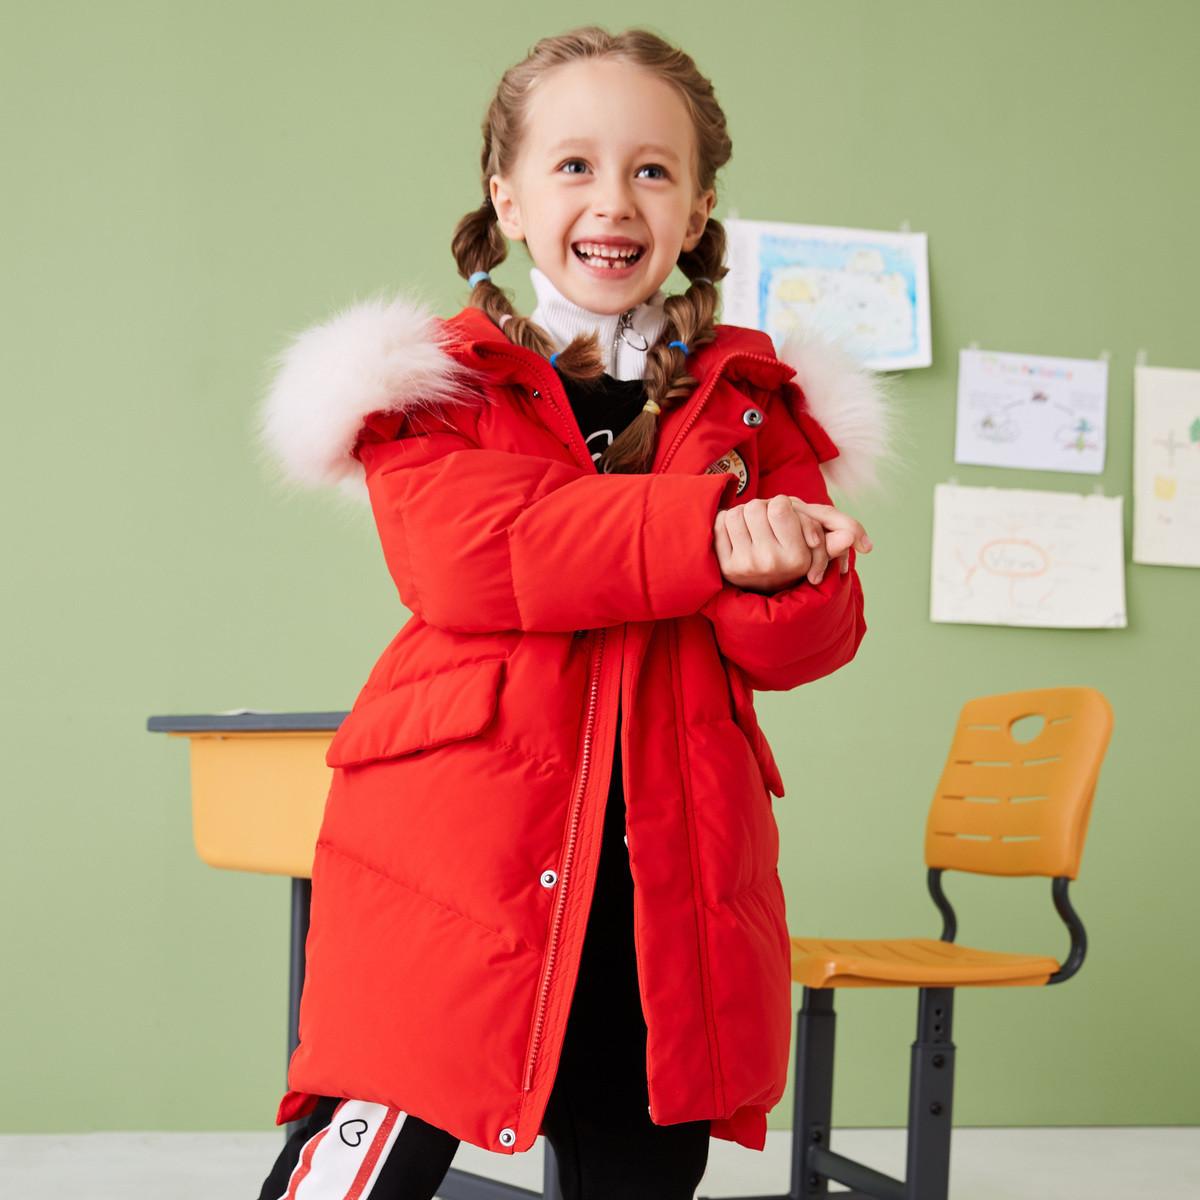 高梵2019毛领保暖秋冬新款纯色中长款儿童羽绒服女童白鸭绒G3190133802